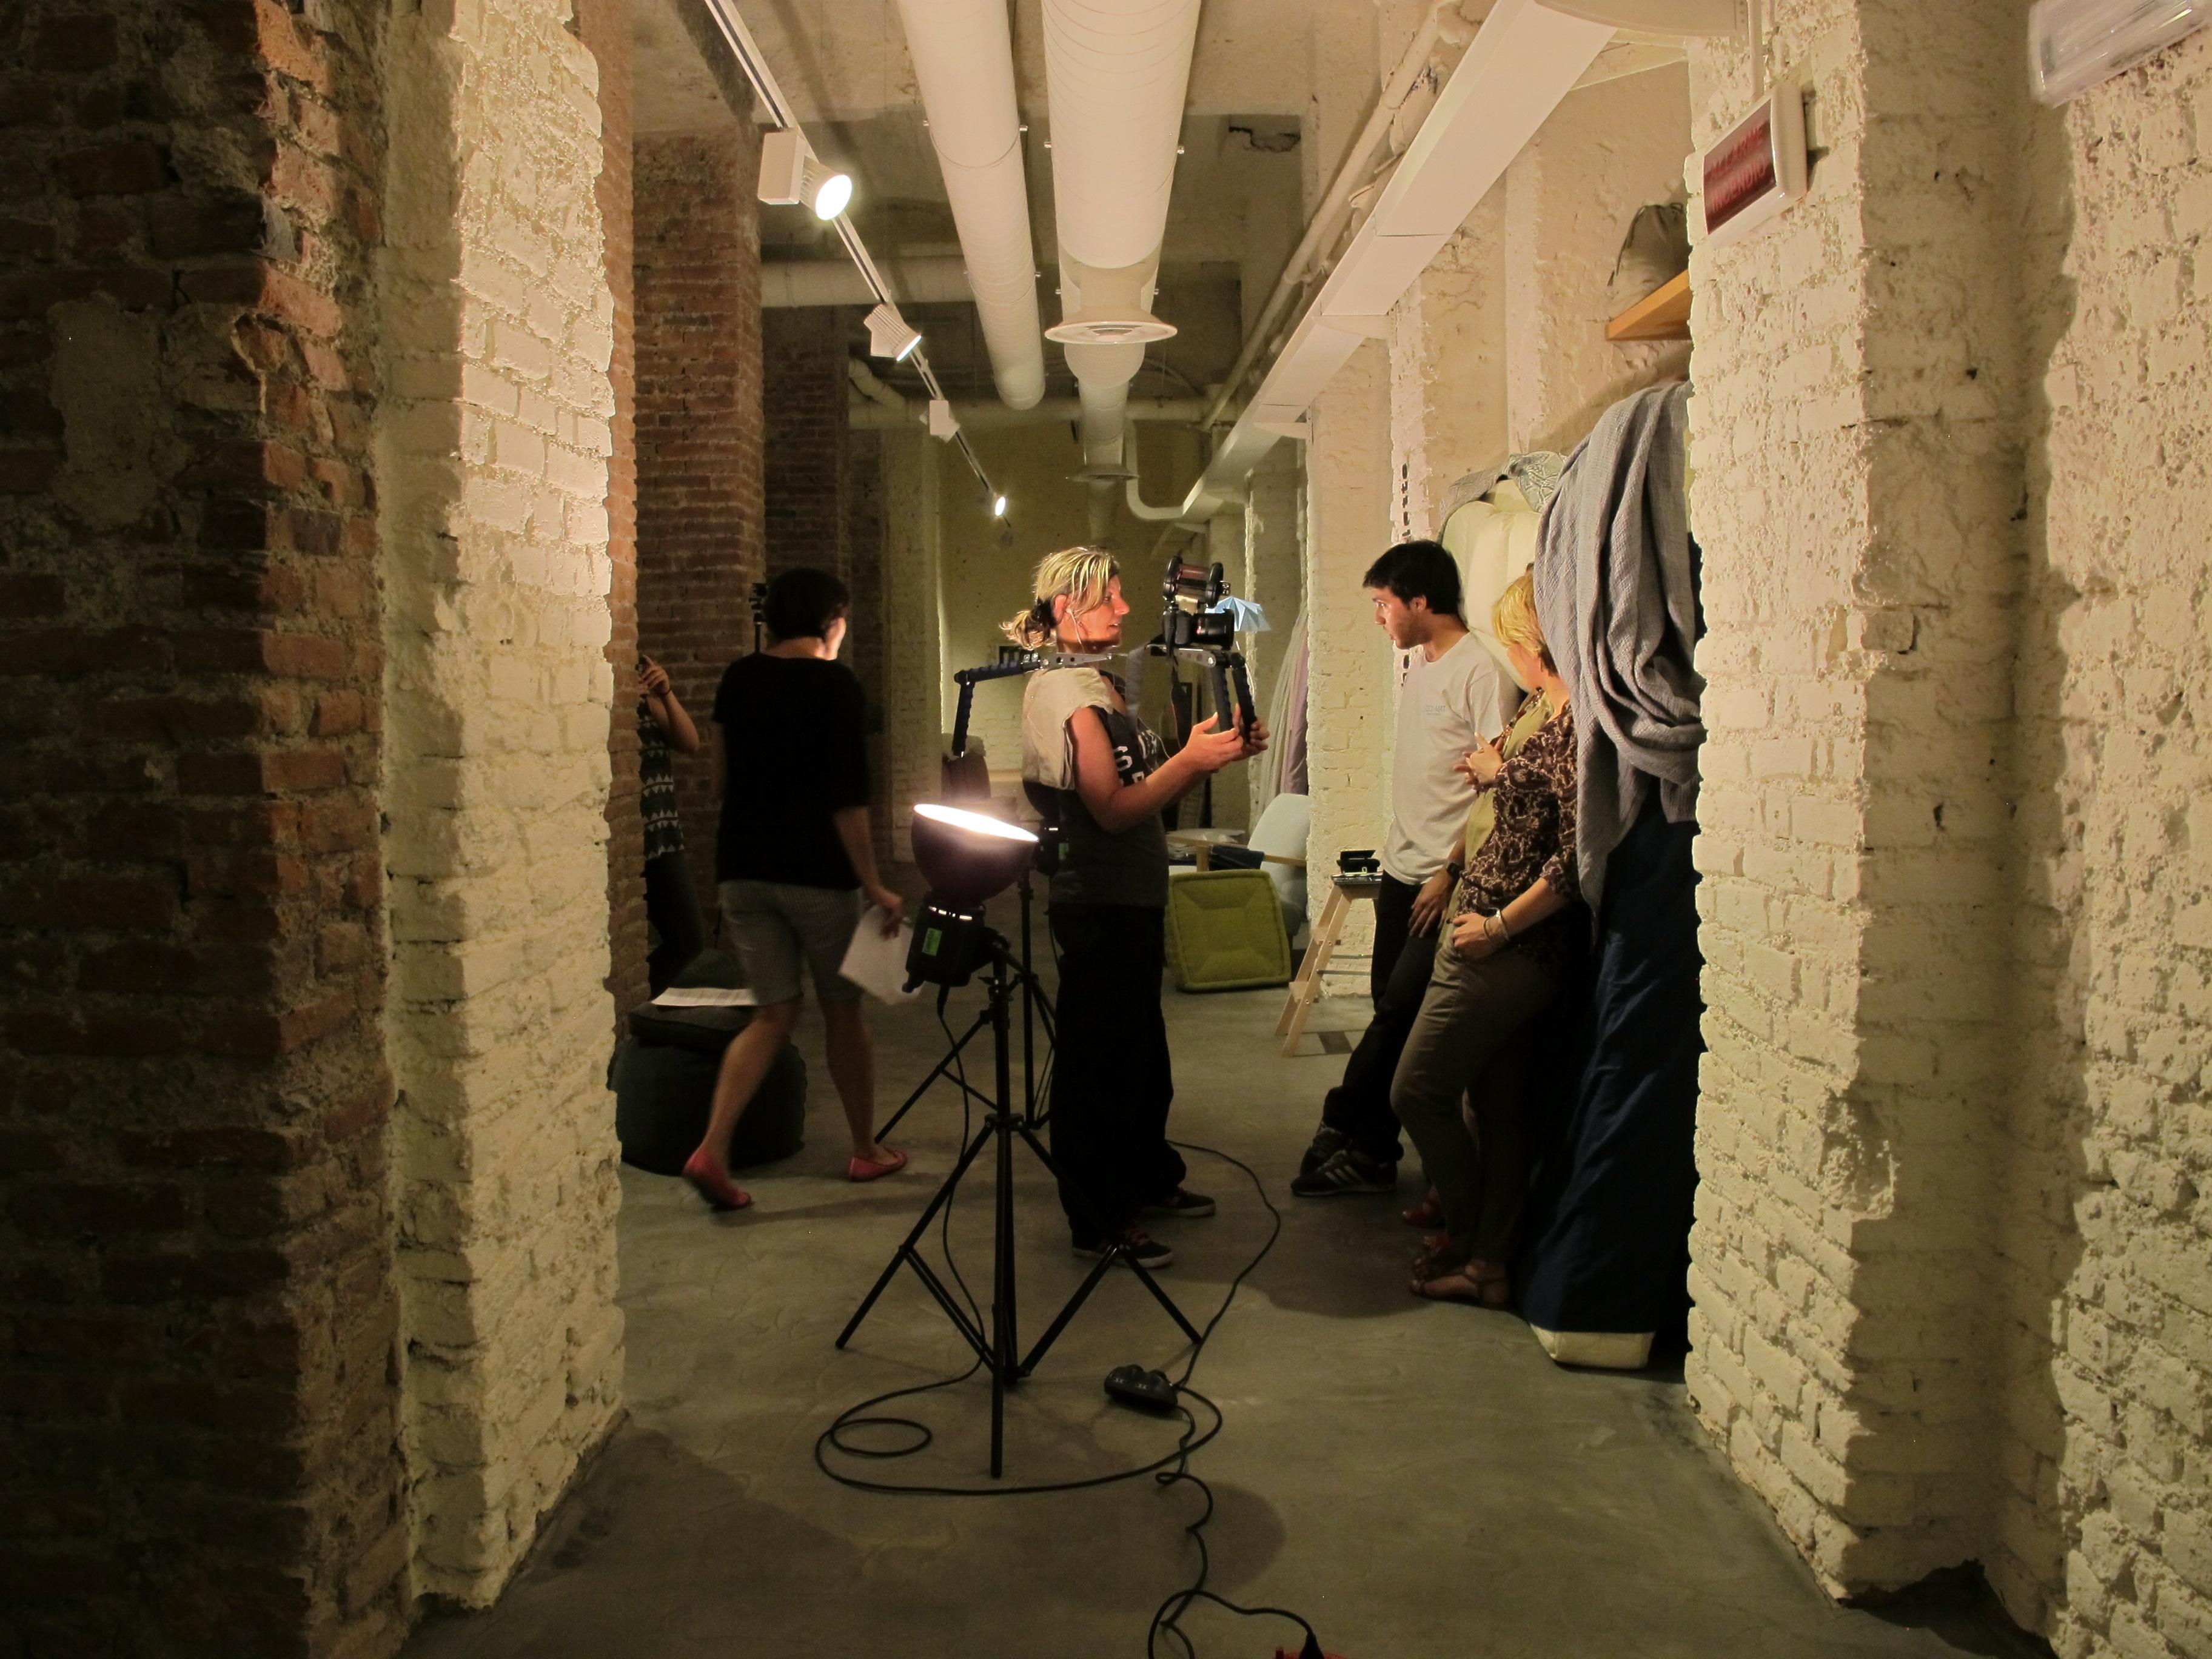 backstage_arredamento_video_cocicom